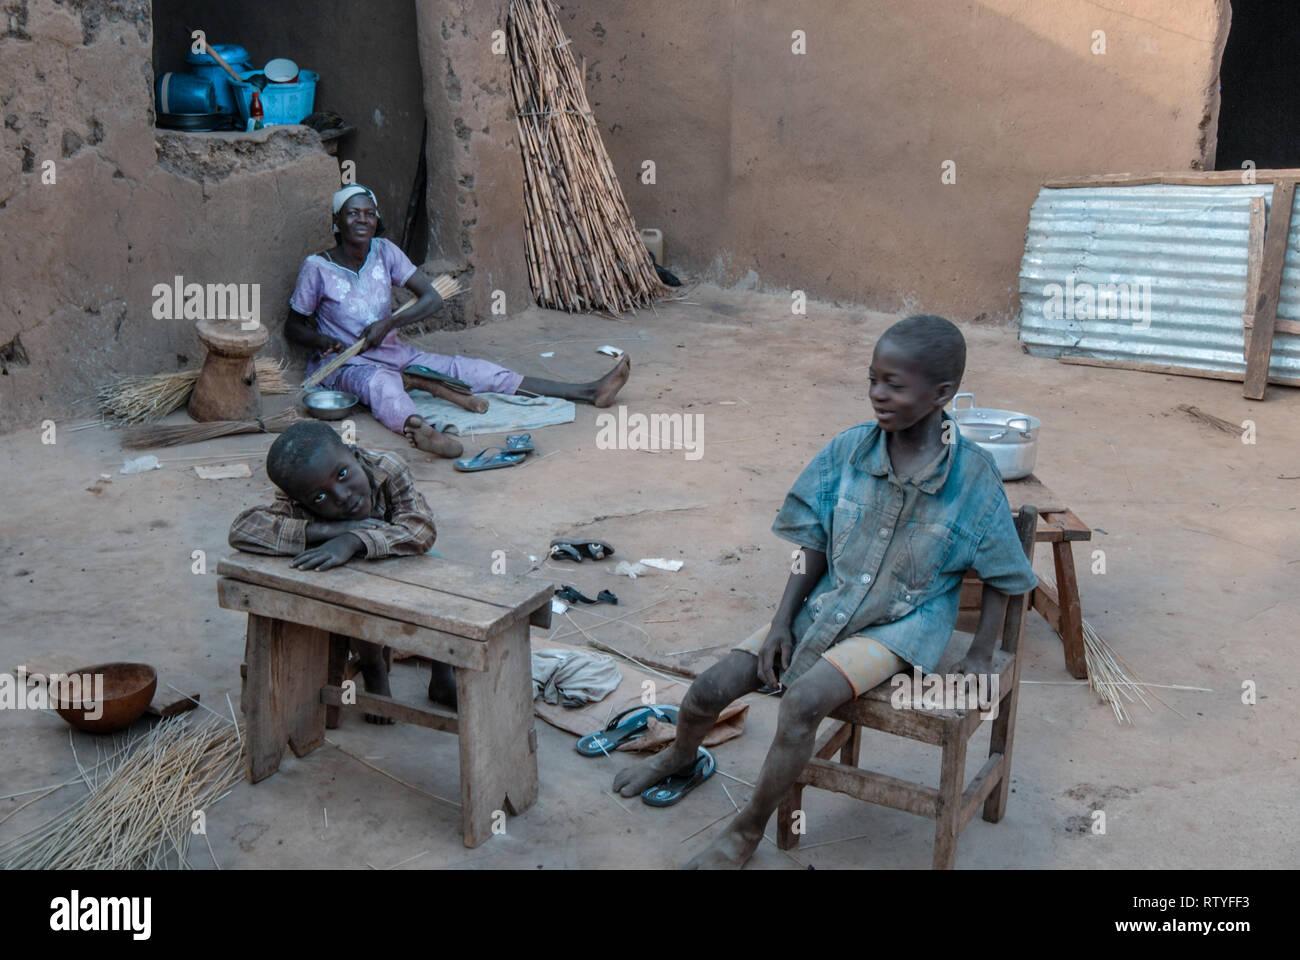 Una foto che ritraggono la vita quotidiana di una famiglia del Ghana. Ci sono madre e bambini sulla foto. Immagini Stock